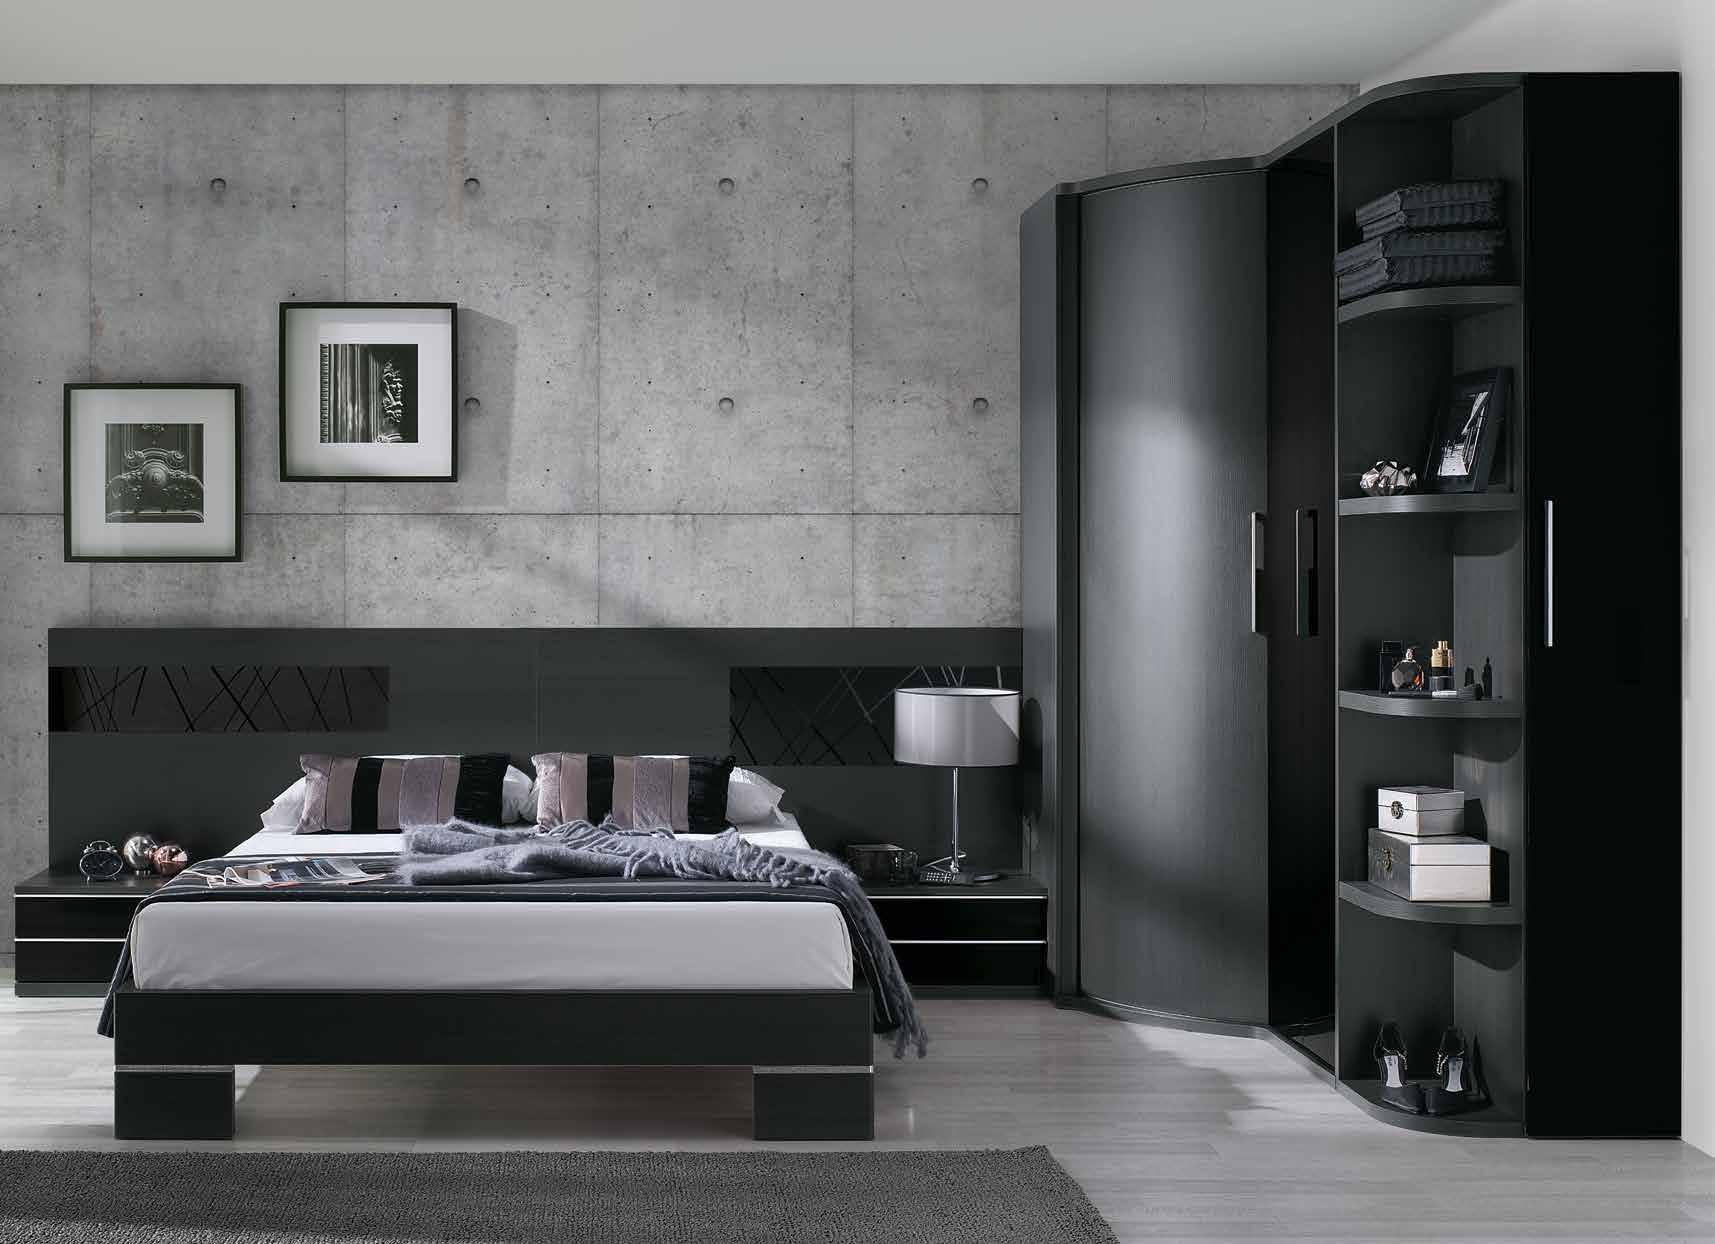 279-dormitorios-e-46